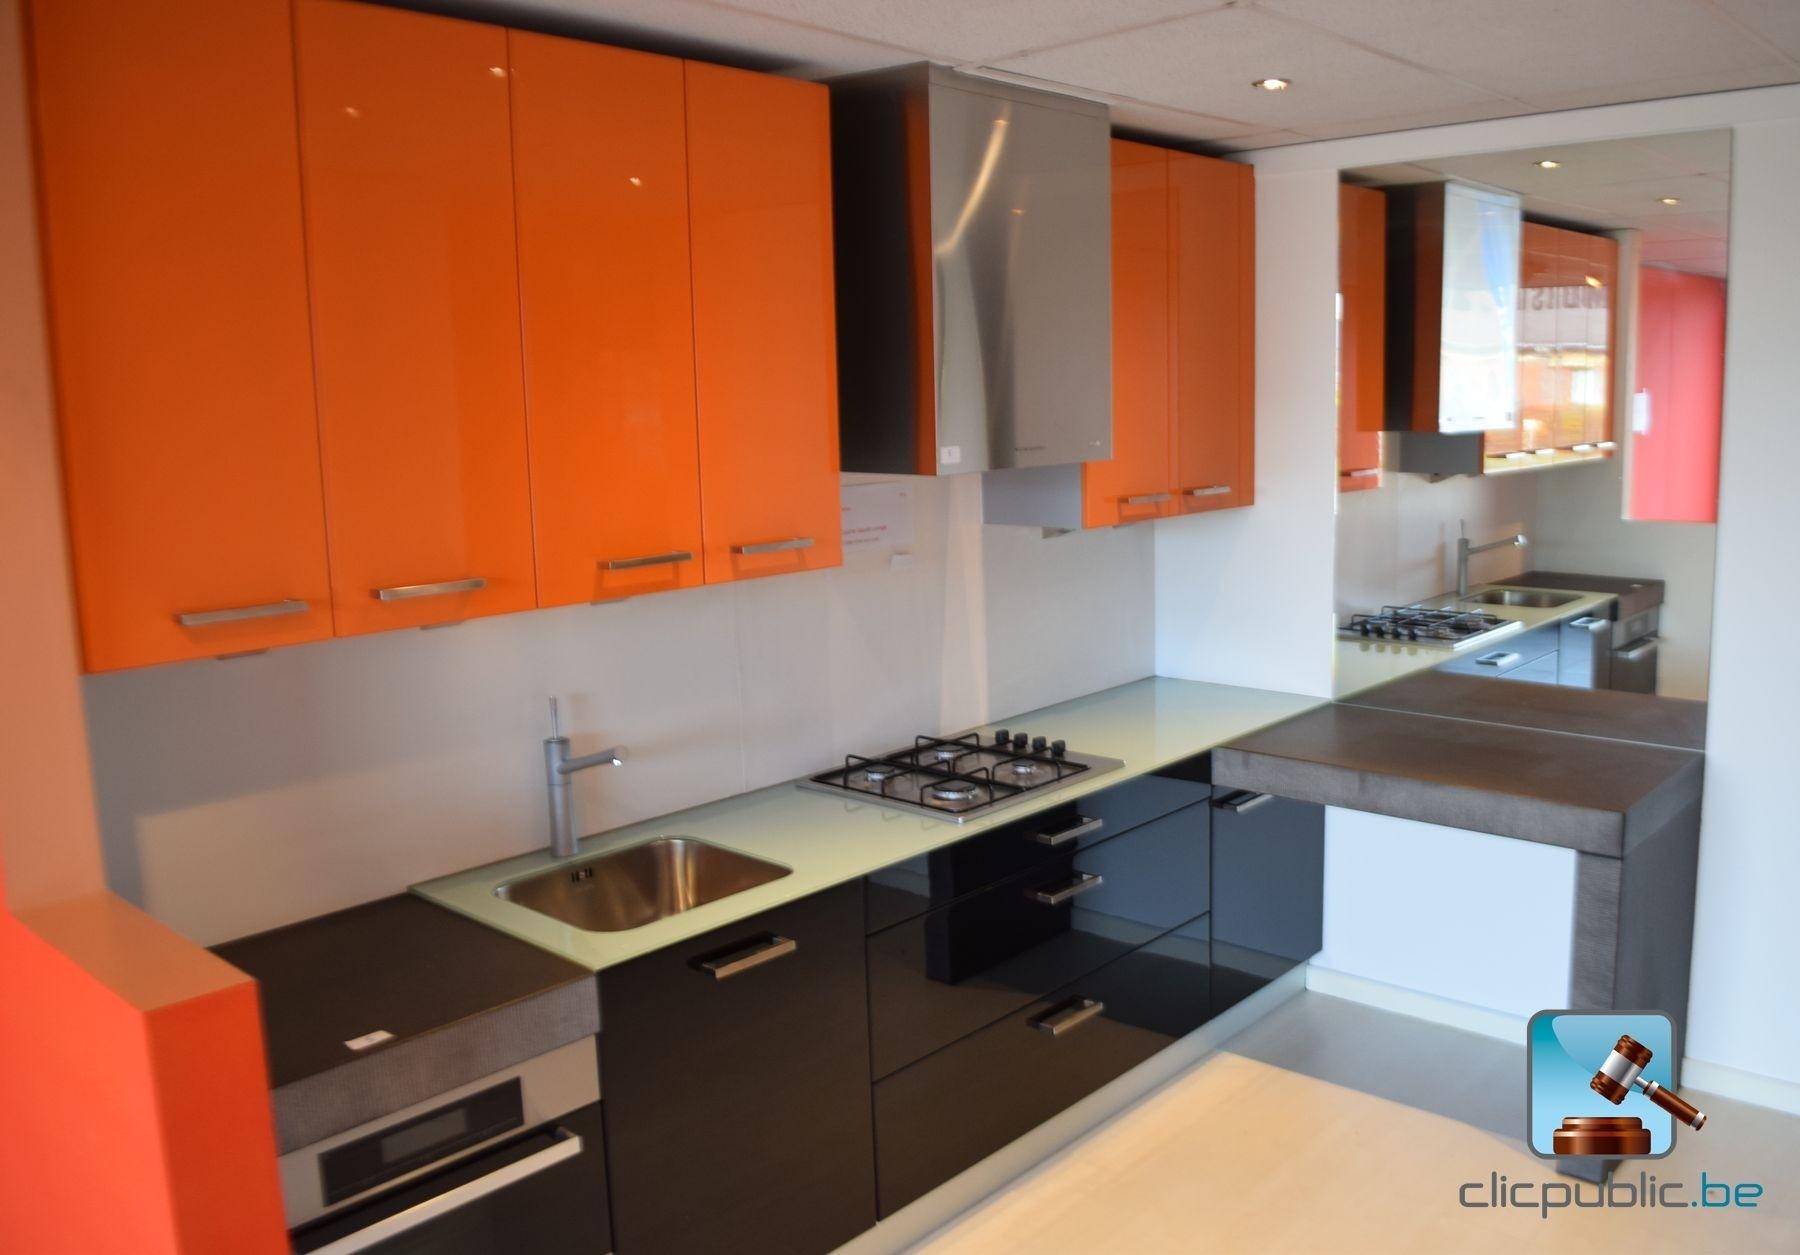 Keuken orange et noir plan de travail topglass 10mm et cosmostone 100mm ref 5 te koop op - Keuken amenagee et equipee ...